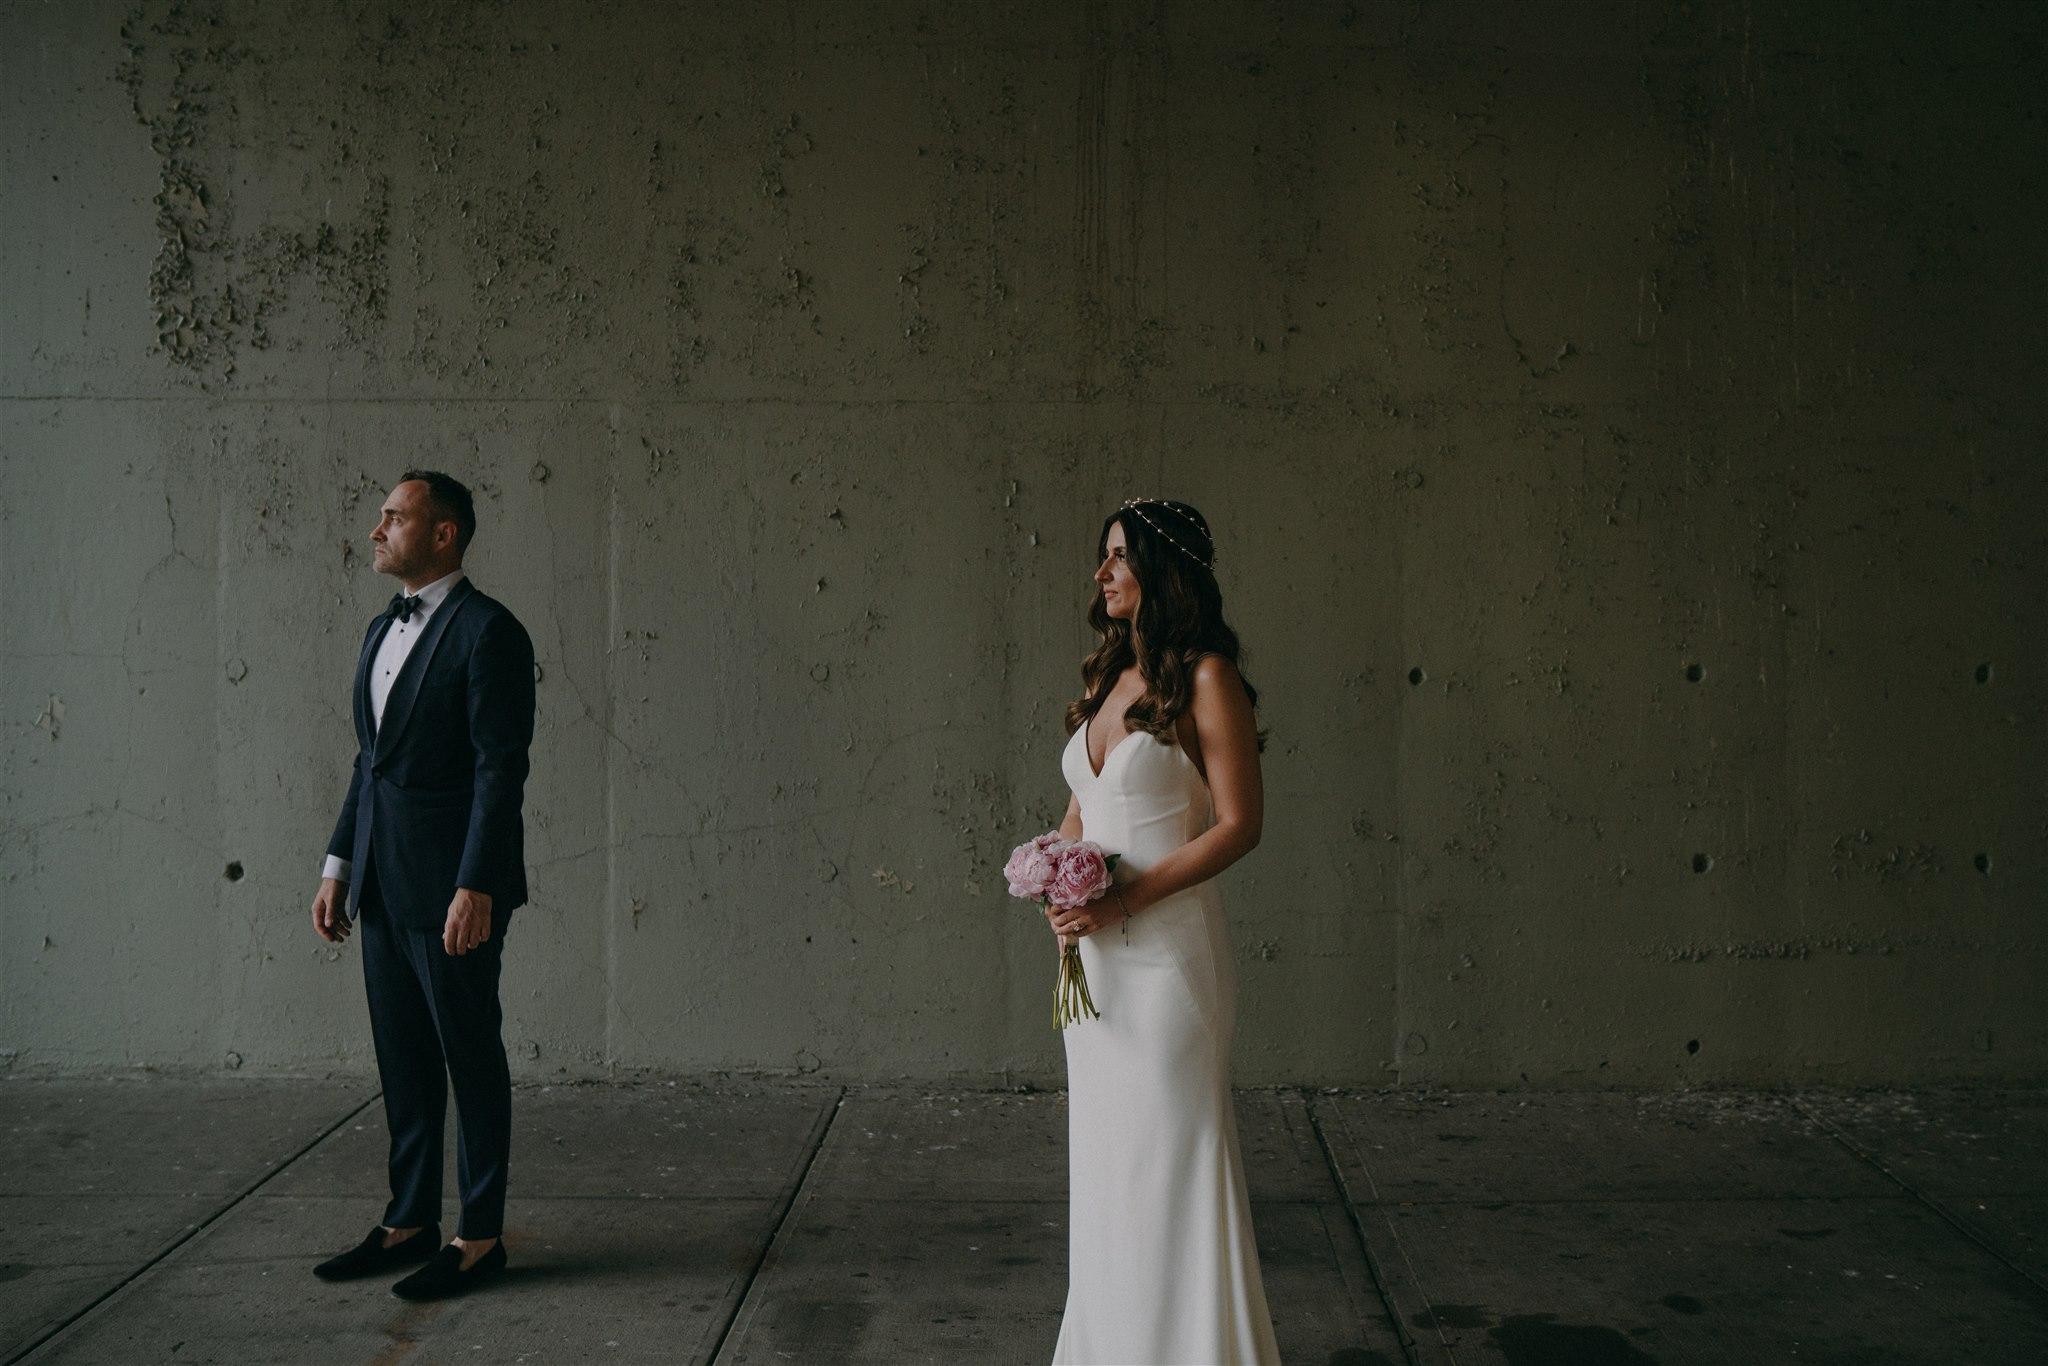 Chellise_Michael_Photography_Ramona_Brooklyn_Wedding_Photographer-414.jpg